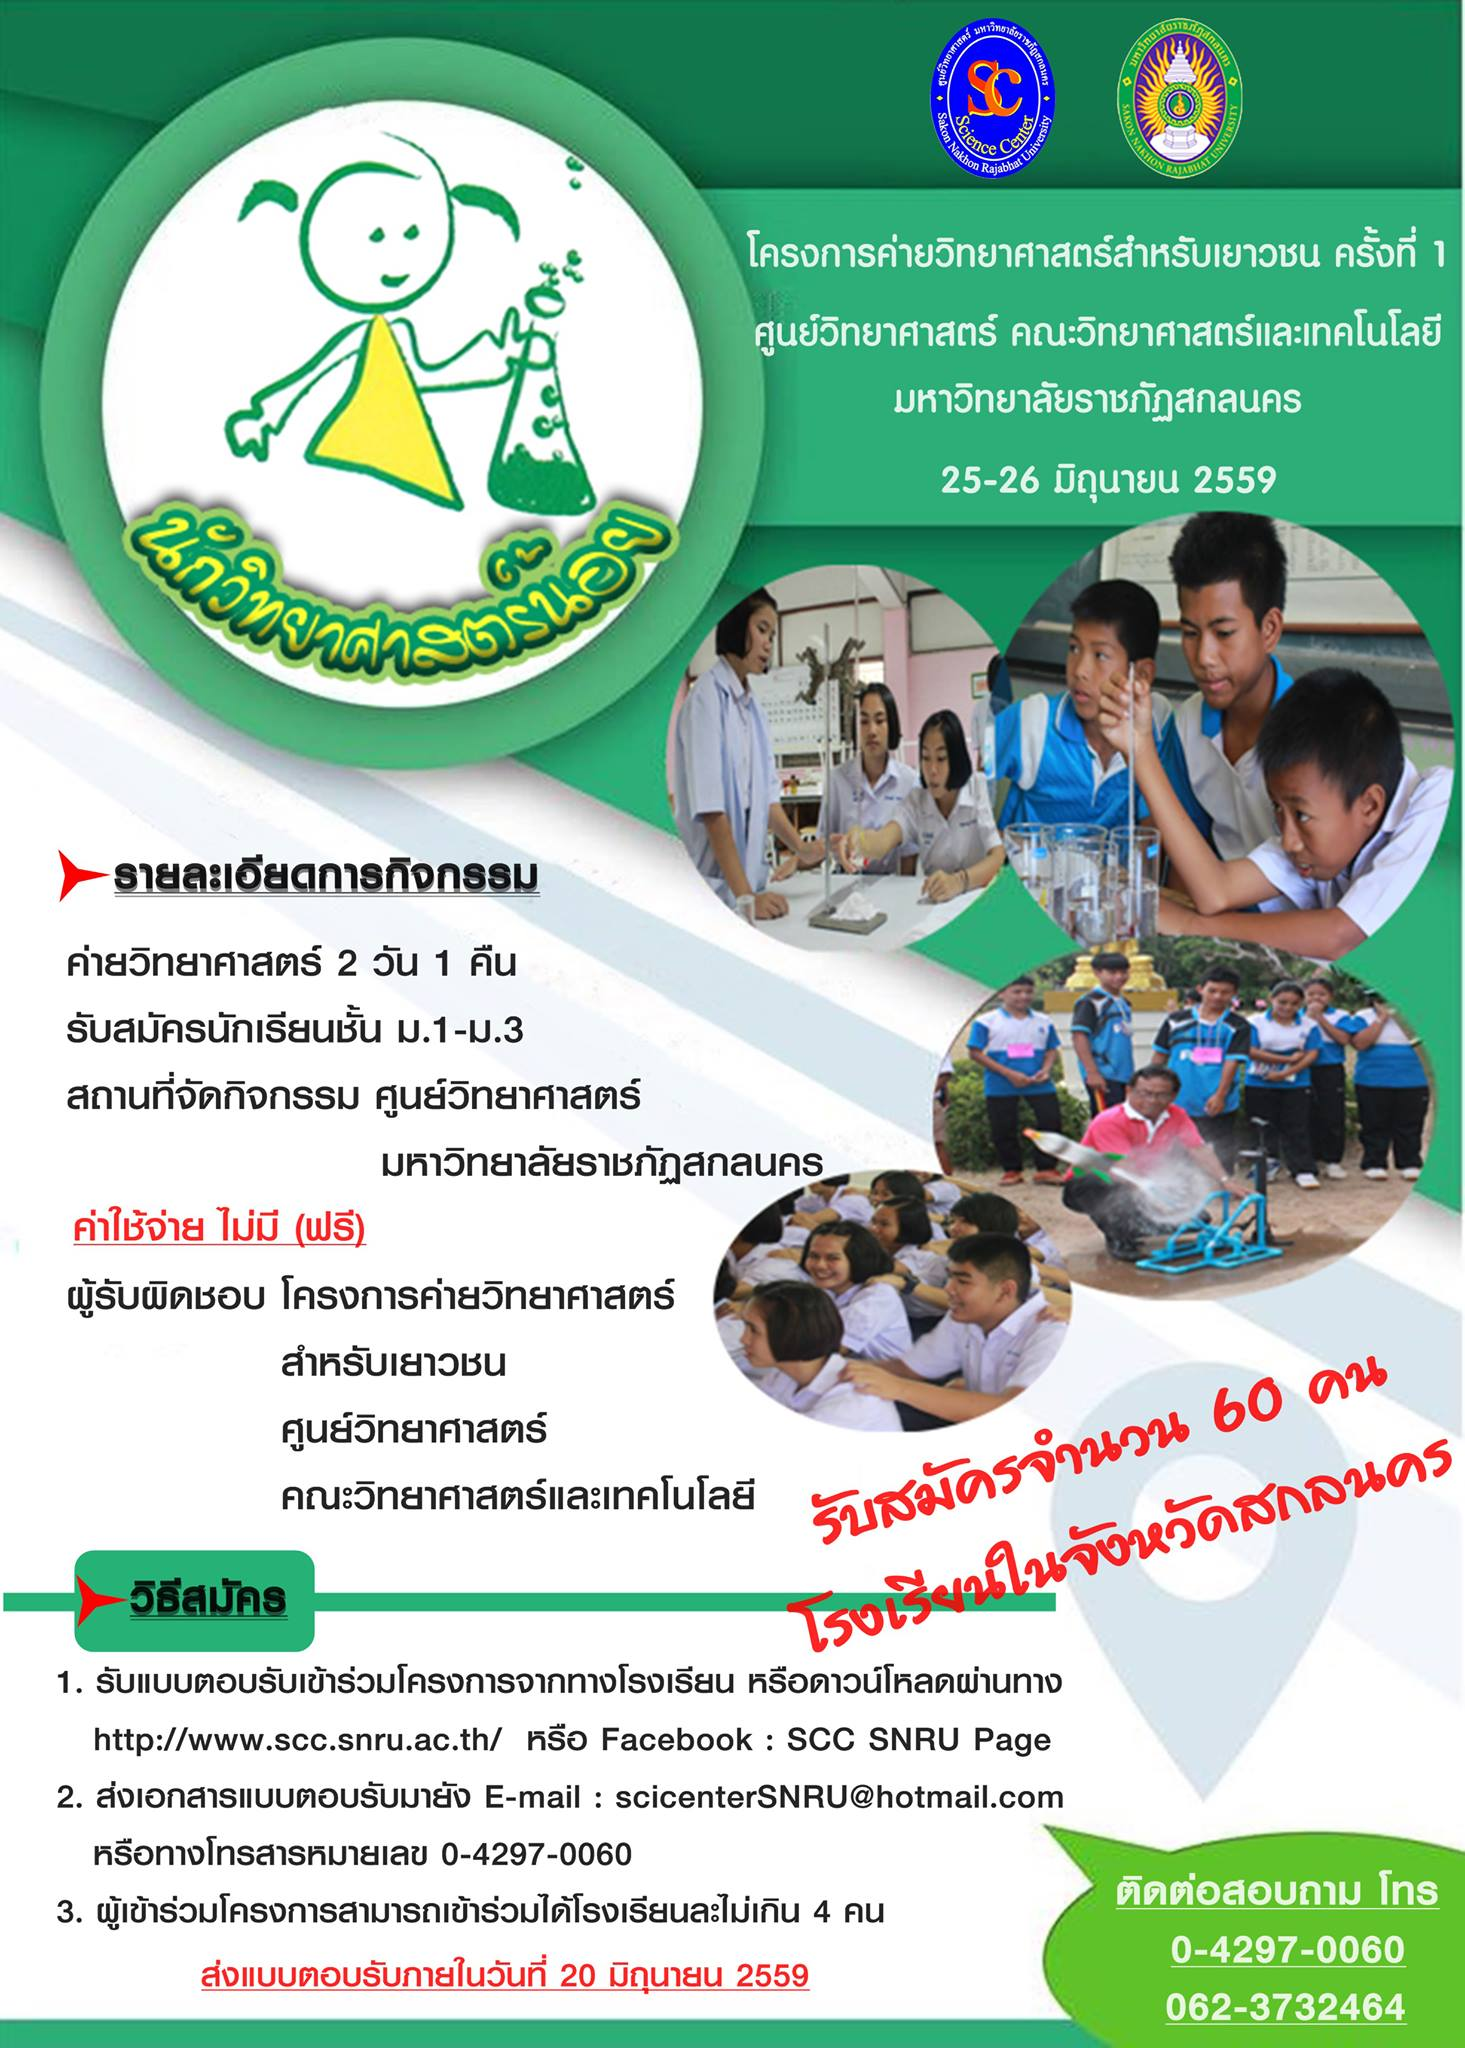 กิจกรรม-ค่ายโครงการวิทยาศาสตร์สำหรับเยาวชน-ครั้งที่1-2559